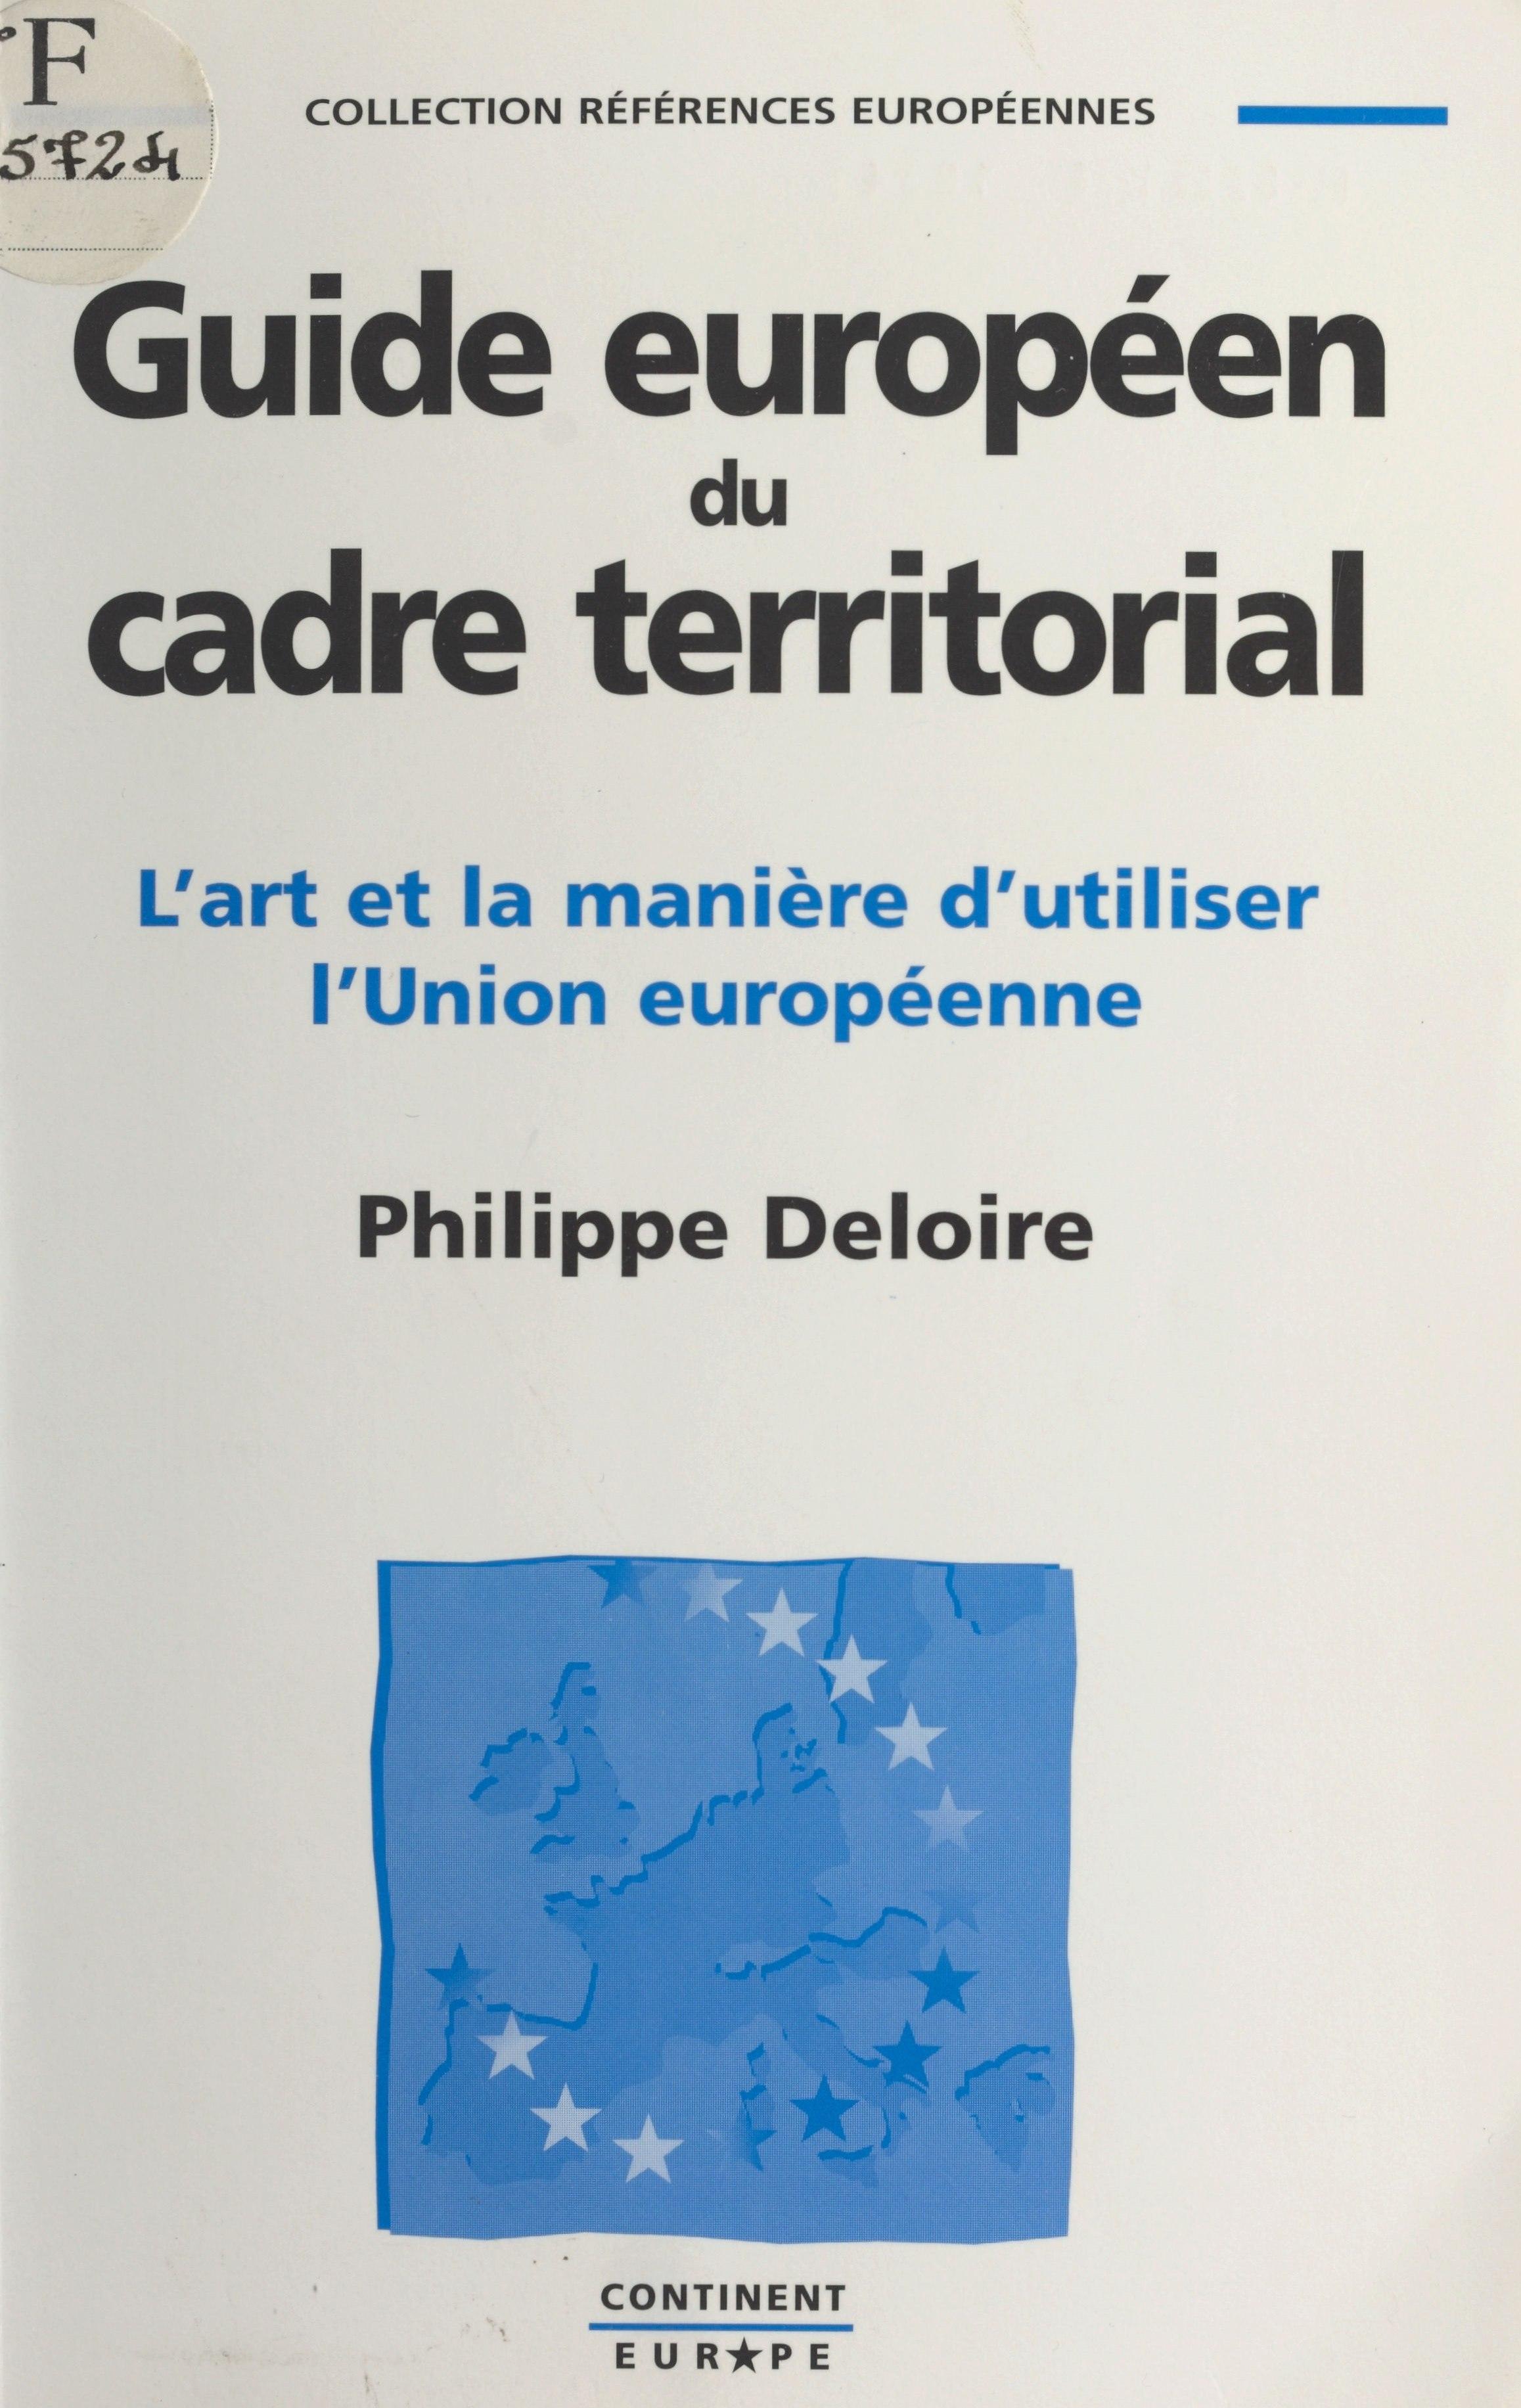 Guide européen du cadre territorial : l'art et la manière d'utiliser l'Union européenne